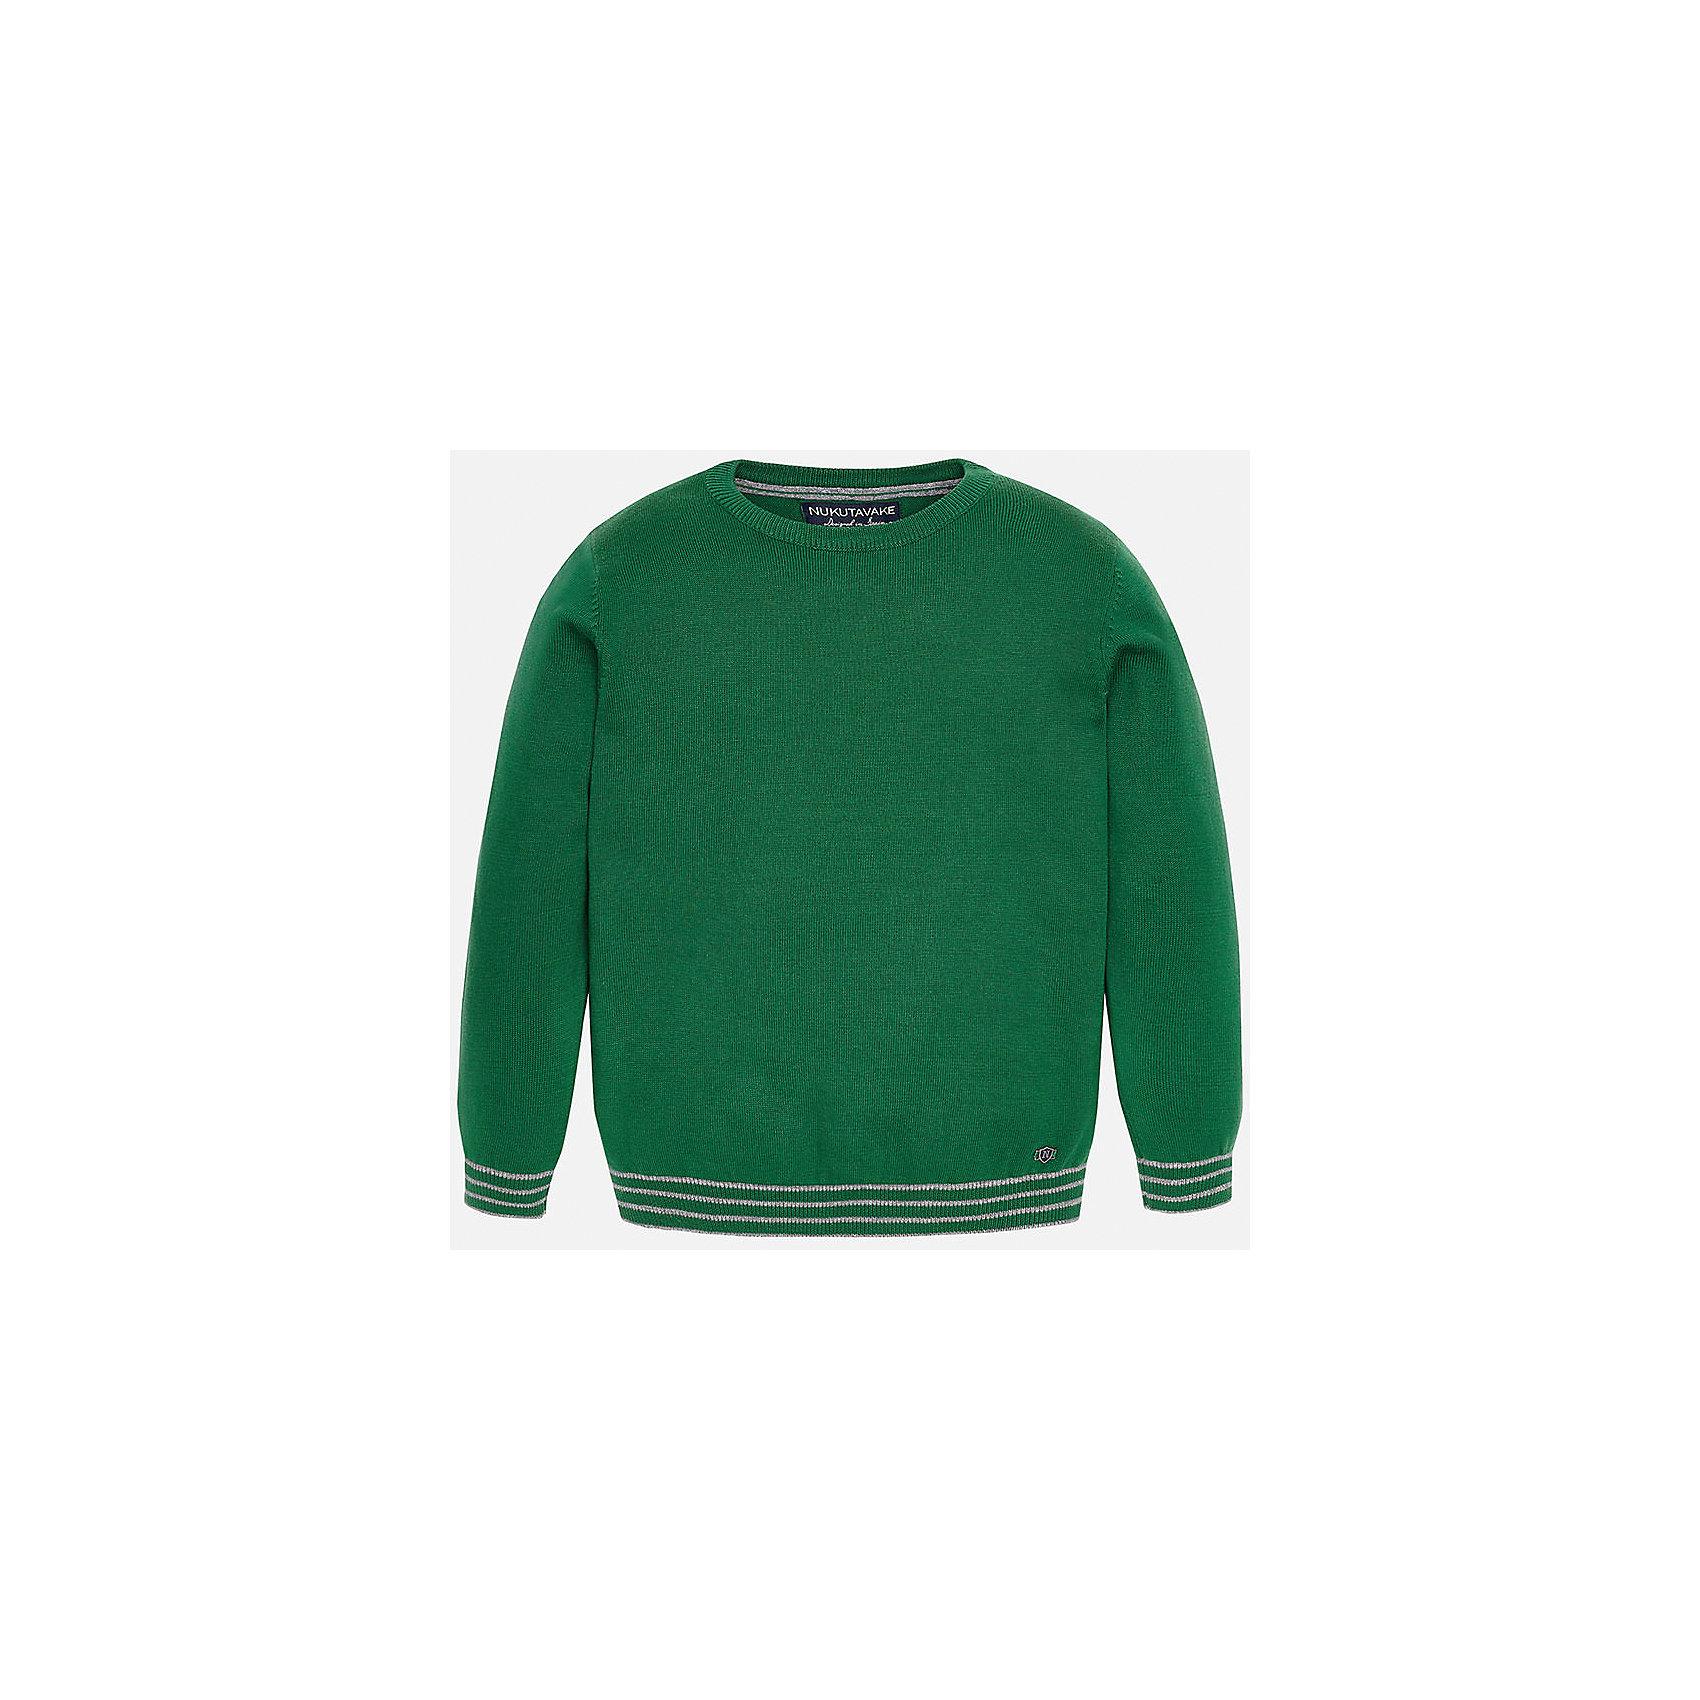 Свитер для мальчика MayoralСвитера и кардиганы<br>Красивый хлопковый свитер, с окантовкой внизу в виде трех серых полосок. Свитер хорошо садится и не тянется со временем.<br><br>Дополнительная информация:<br><br>- Прямой крой. <br>- Страна бренда: Испания.<br>- Состав: хлопок 100%<br>- Цвет: зеленый.<br>- Уход: бережная стирка при 30 градусах.<br><br>Купить свитер для мальчика Mayoral можно в нашем магазине.<br><br>Ширина мм: 190<br>Глубина мм: 74<br>Высота мм: 229<br>Вес г: 236<br>Цвет: зеленый<br>Возраст от месяцев: 108<br>Возраст до месяцев: 120<br>Пол: Мужской<br>Возраст: Детский<br>Размер: 158/164,164/170,152/158,146/152,128/134,134/140<br>SKU: 4821732